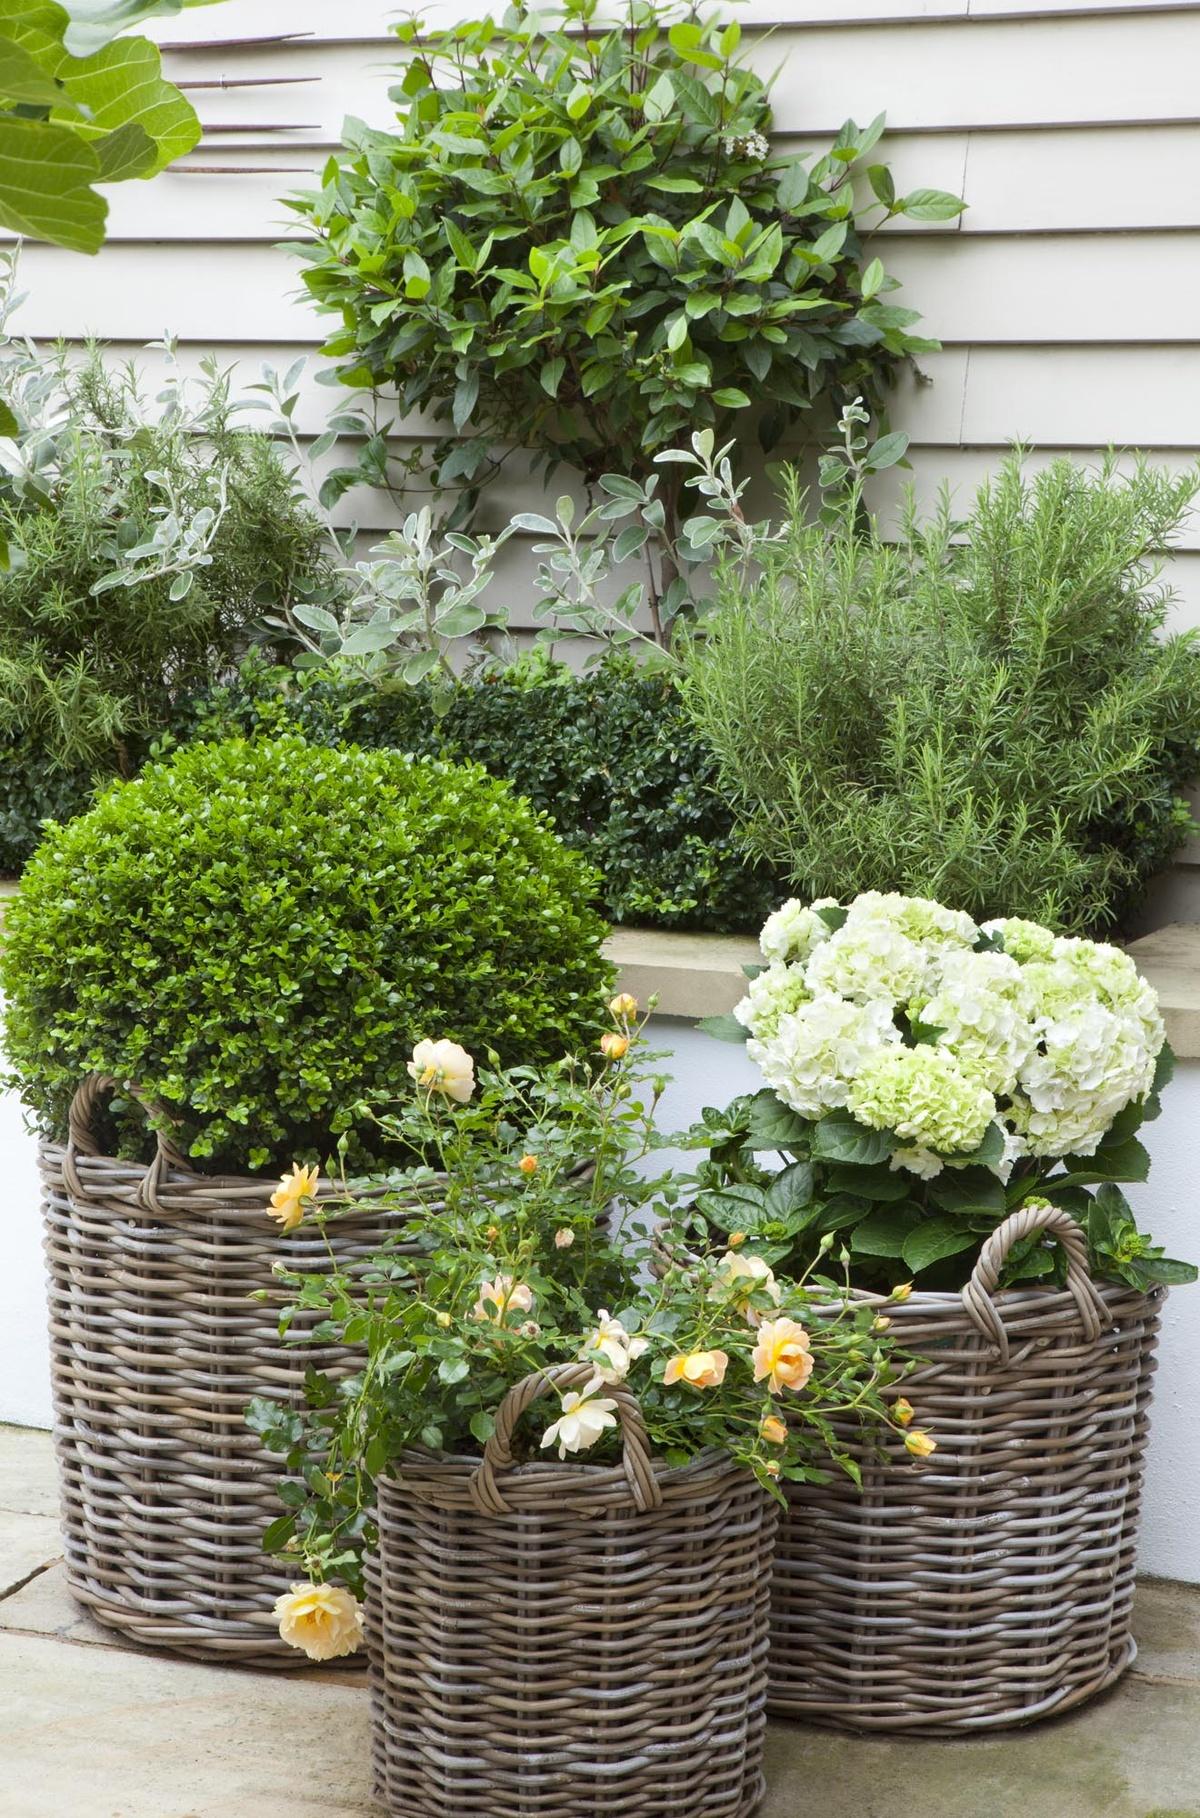 Les paniers en osier de la vigne souligneront l'ambiance romantique de l'aménagement paysager